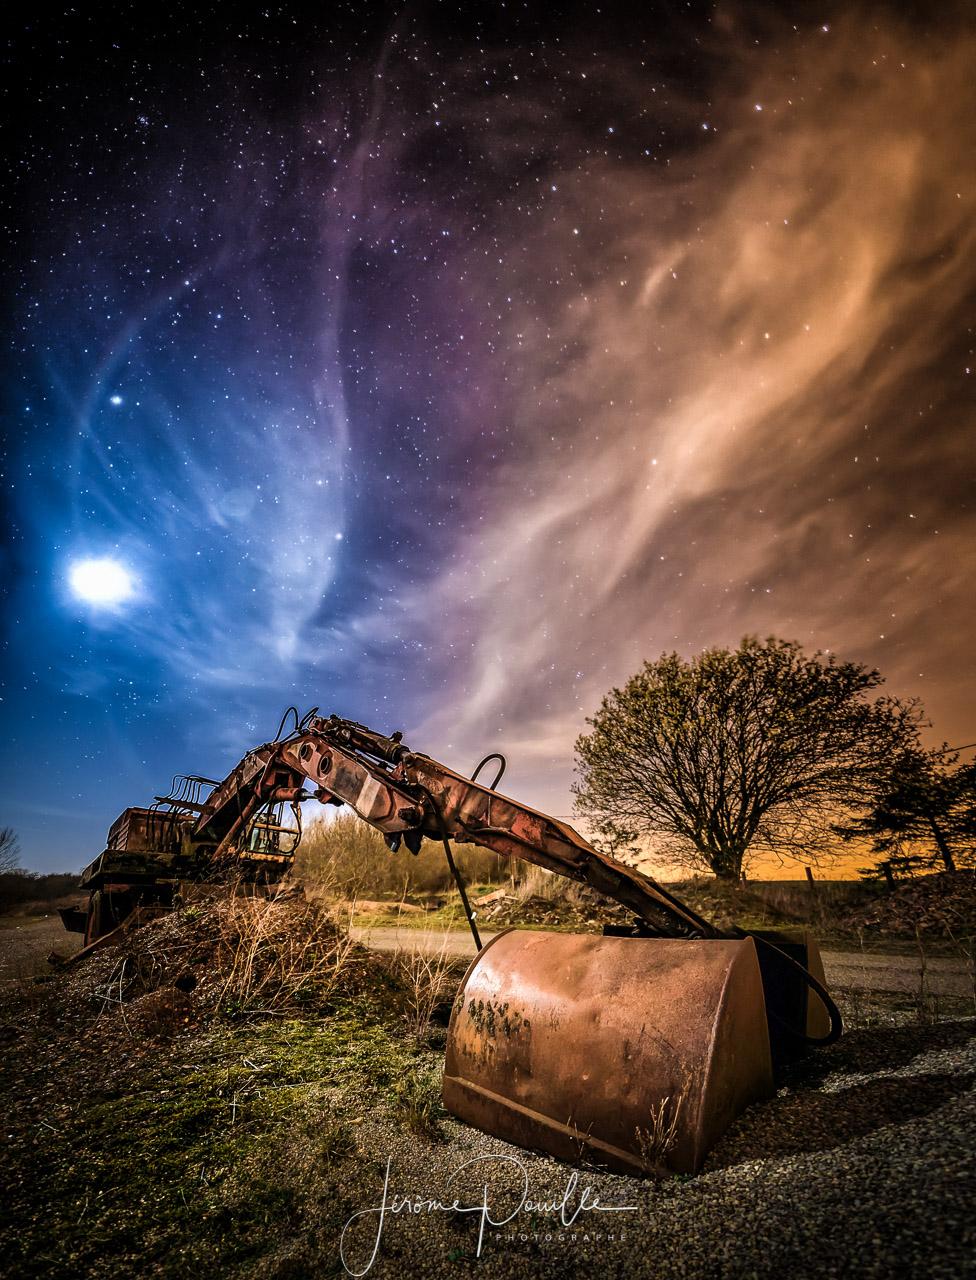 Panoramique HDR d'une grue sous un ciel étoilé parsemé de nuages